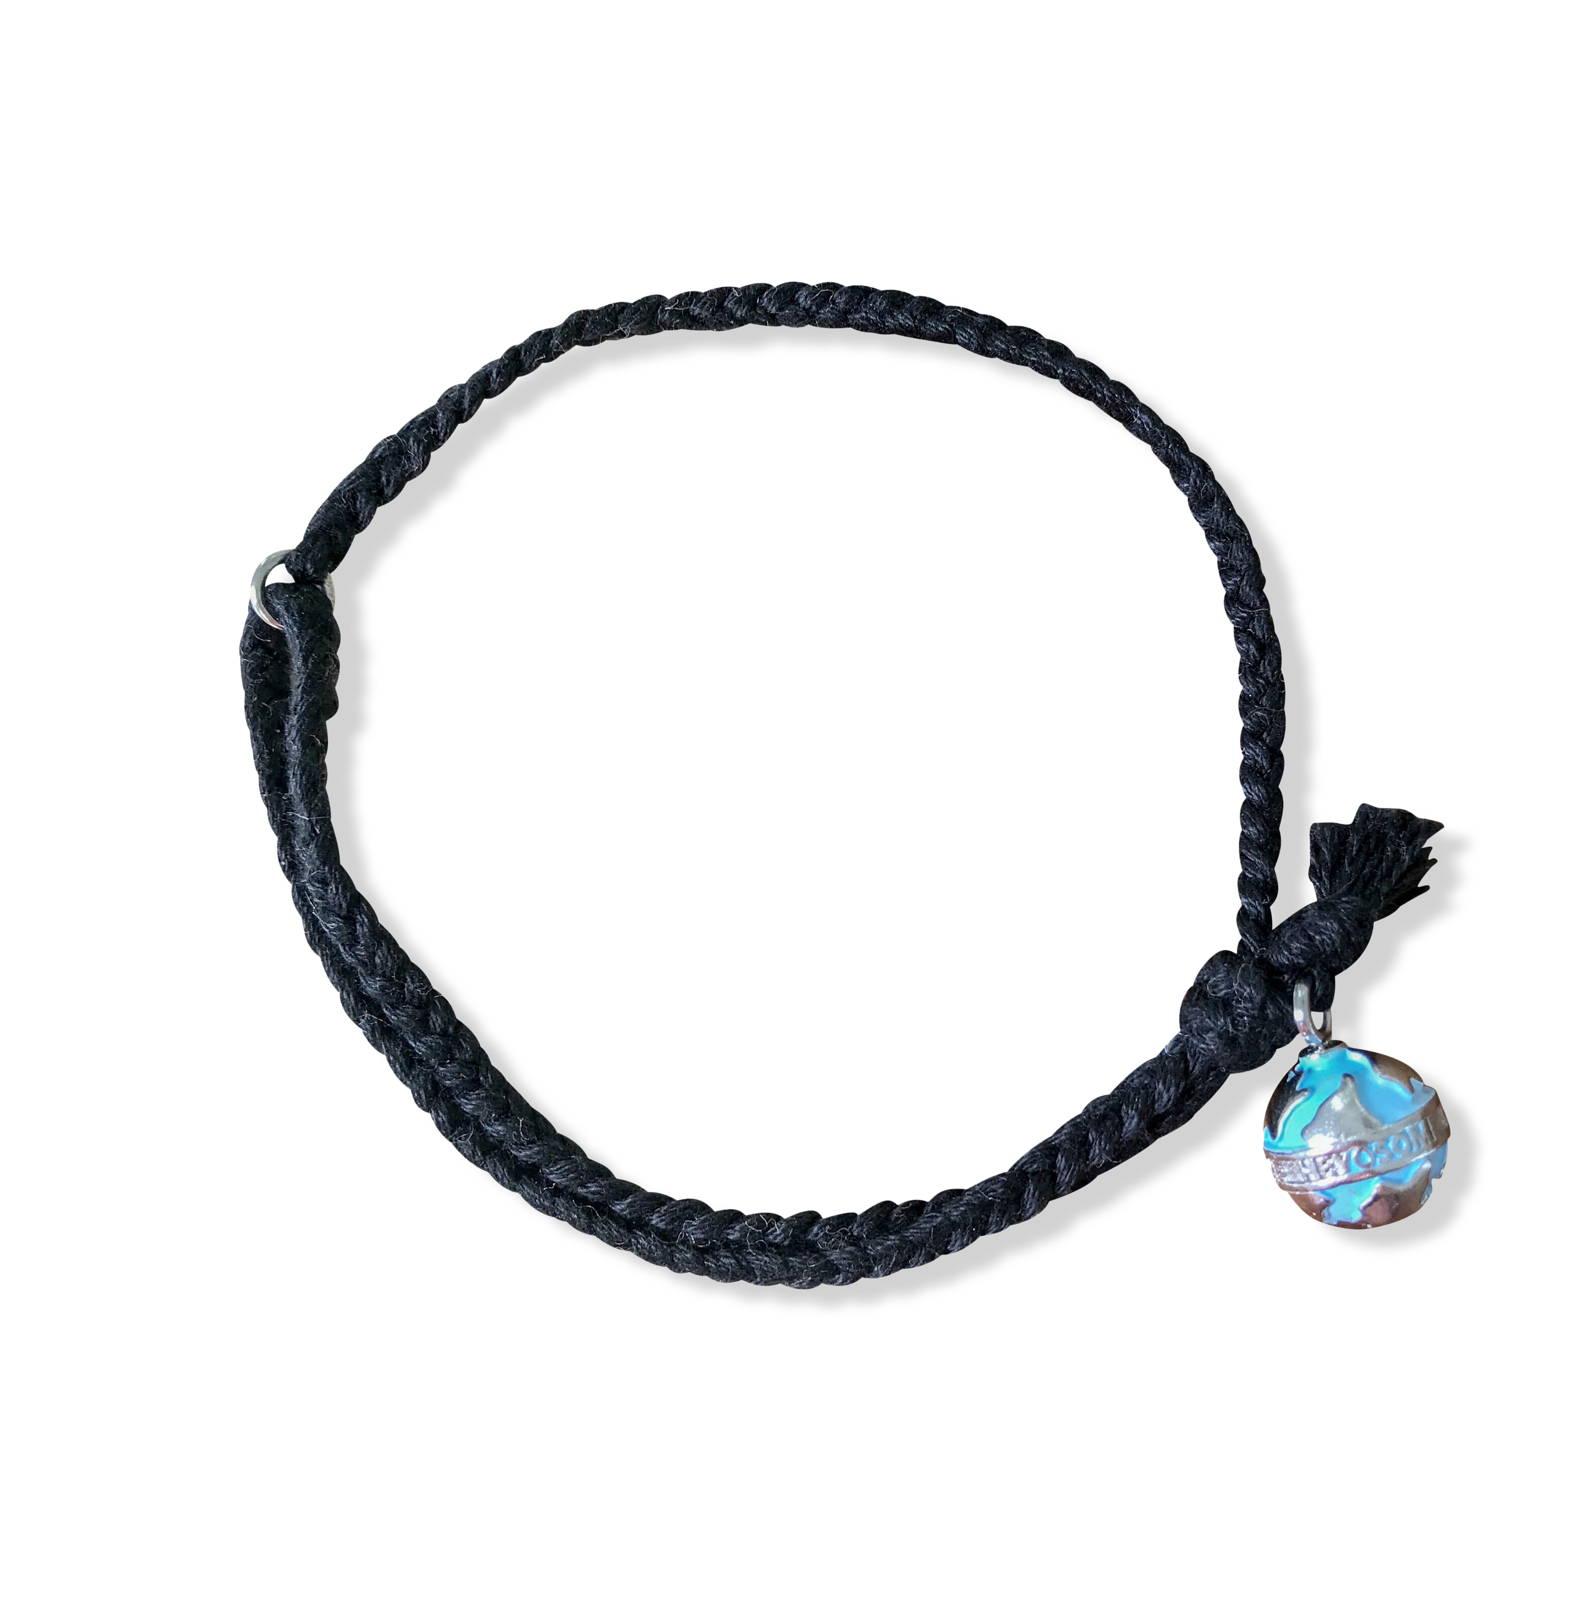 bracelet that support black lives matter, bracelet that fight for racial justice, bracelet benefit black lives matter